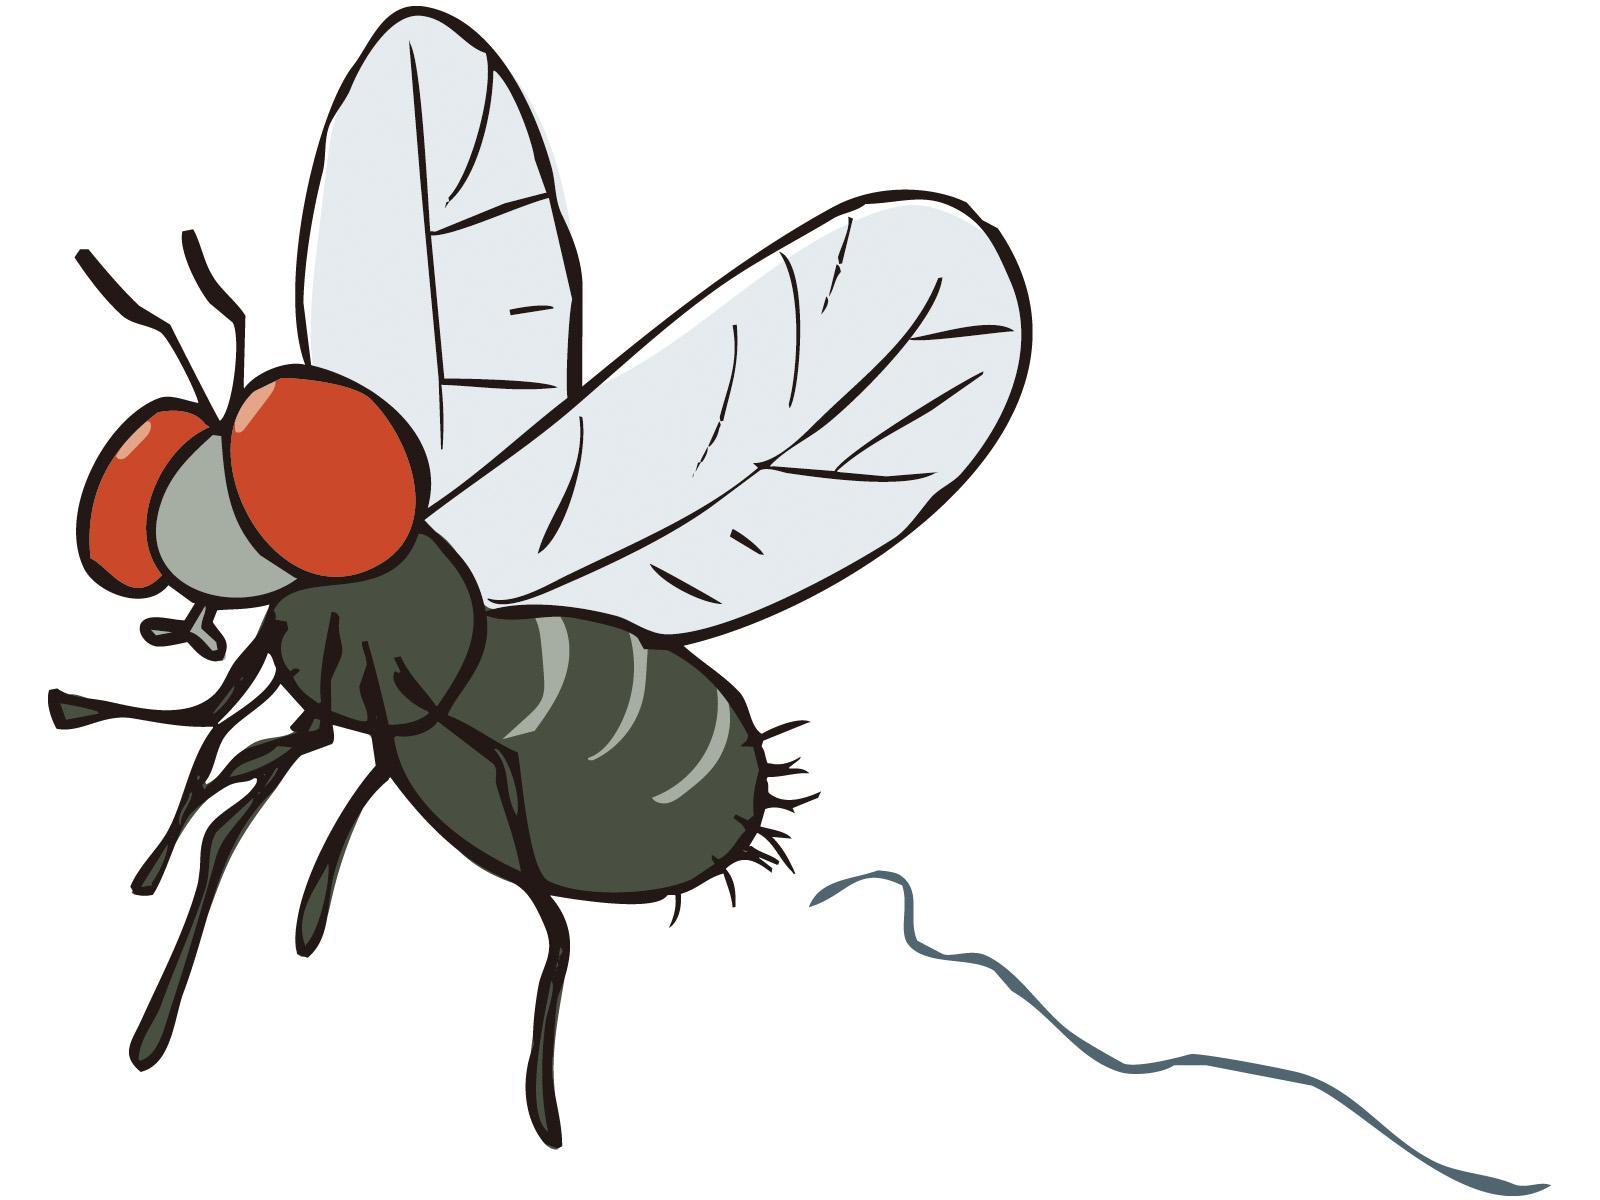 クワガタ・カブトムシ飼育につきものコバエ対策方法